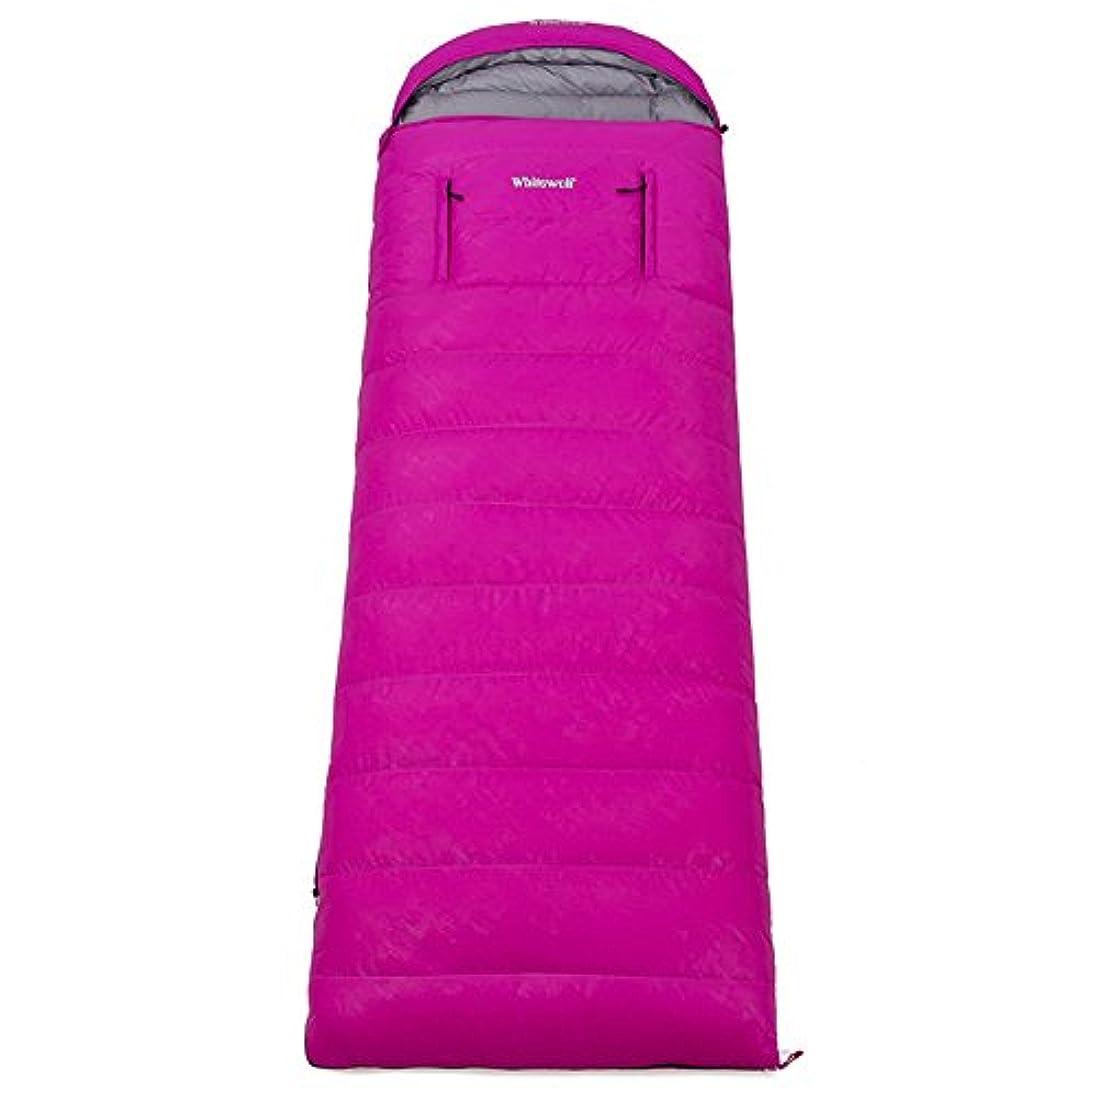 認める決定的検出Okiiting ポータブル寝袋暖かい寝袋二重寝袋通気性暖かい防水品質寝袋 うまく設計された